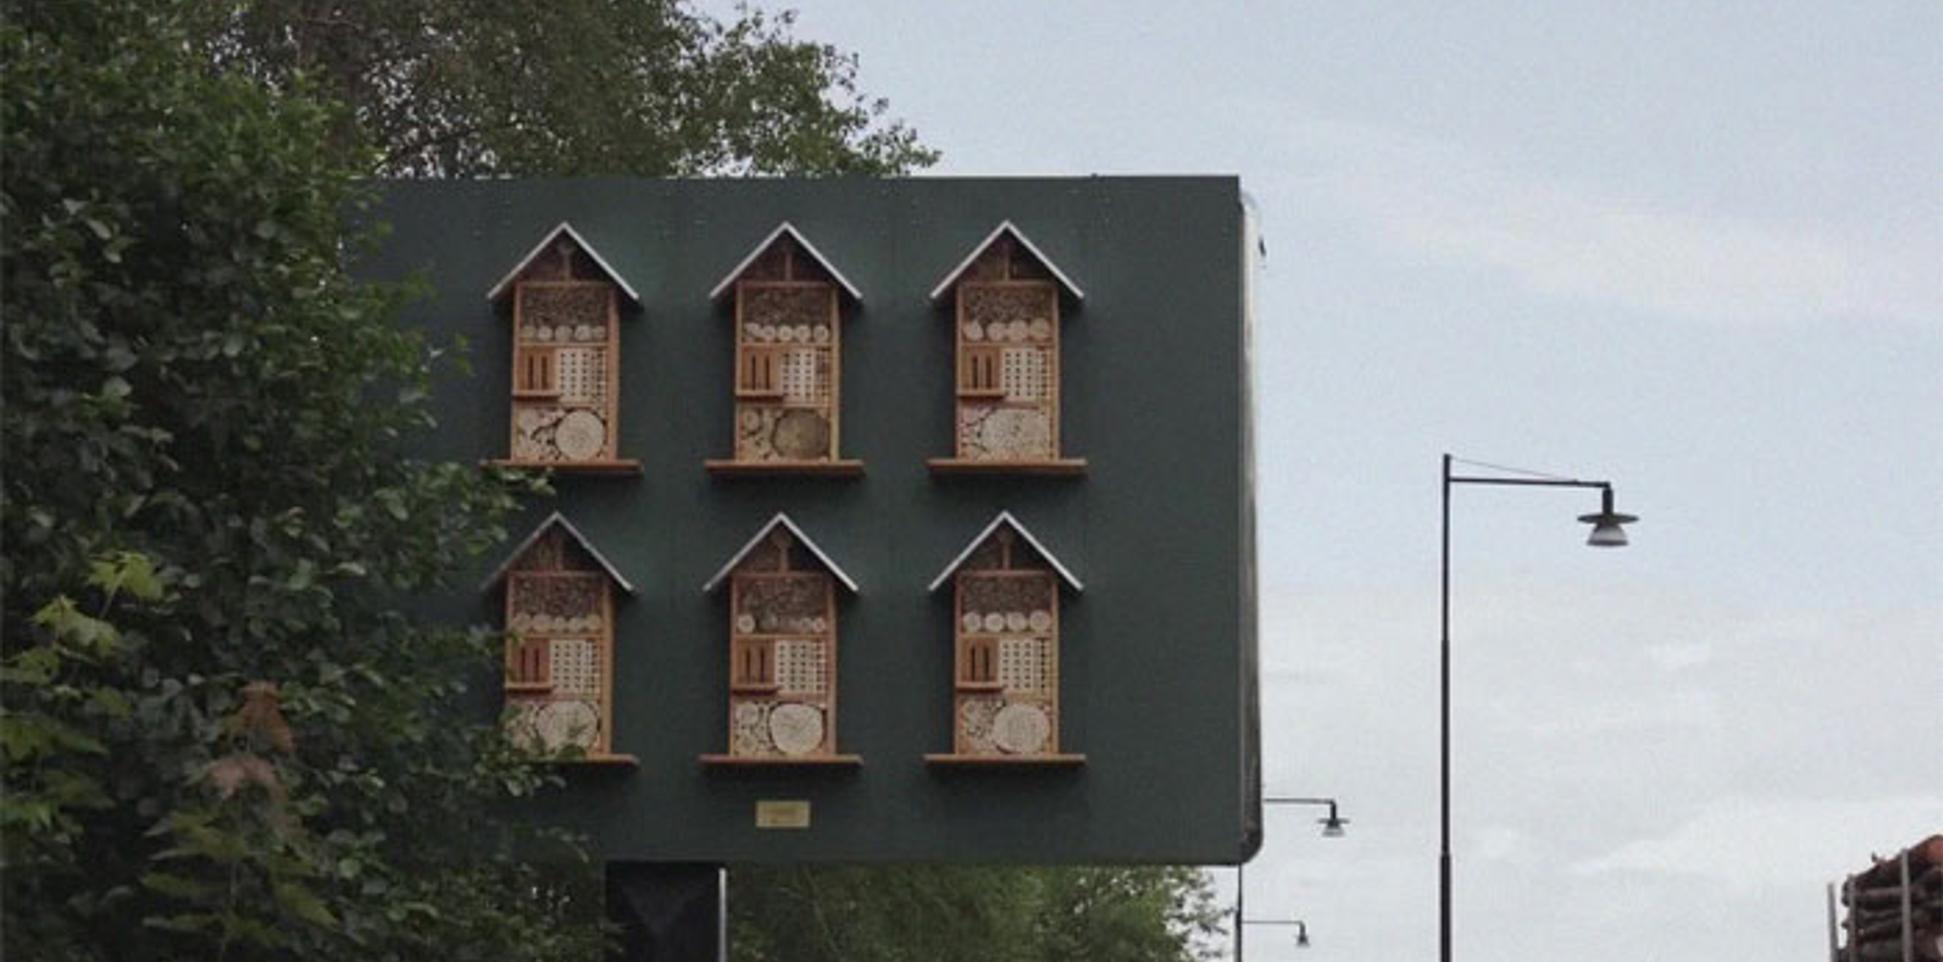 บิลบอร์ดโรงแรมผึ้งโดยแมคโดนัลด์สวีเดนช่วยขยายจำนวนประชากรผึ้งที่กำลังลดน้อยลง